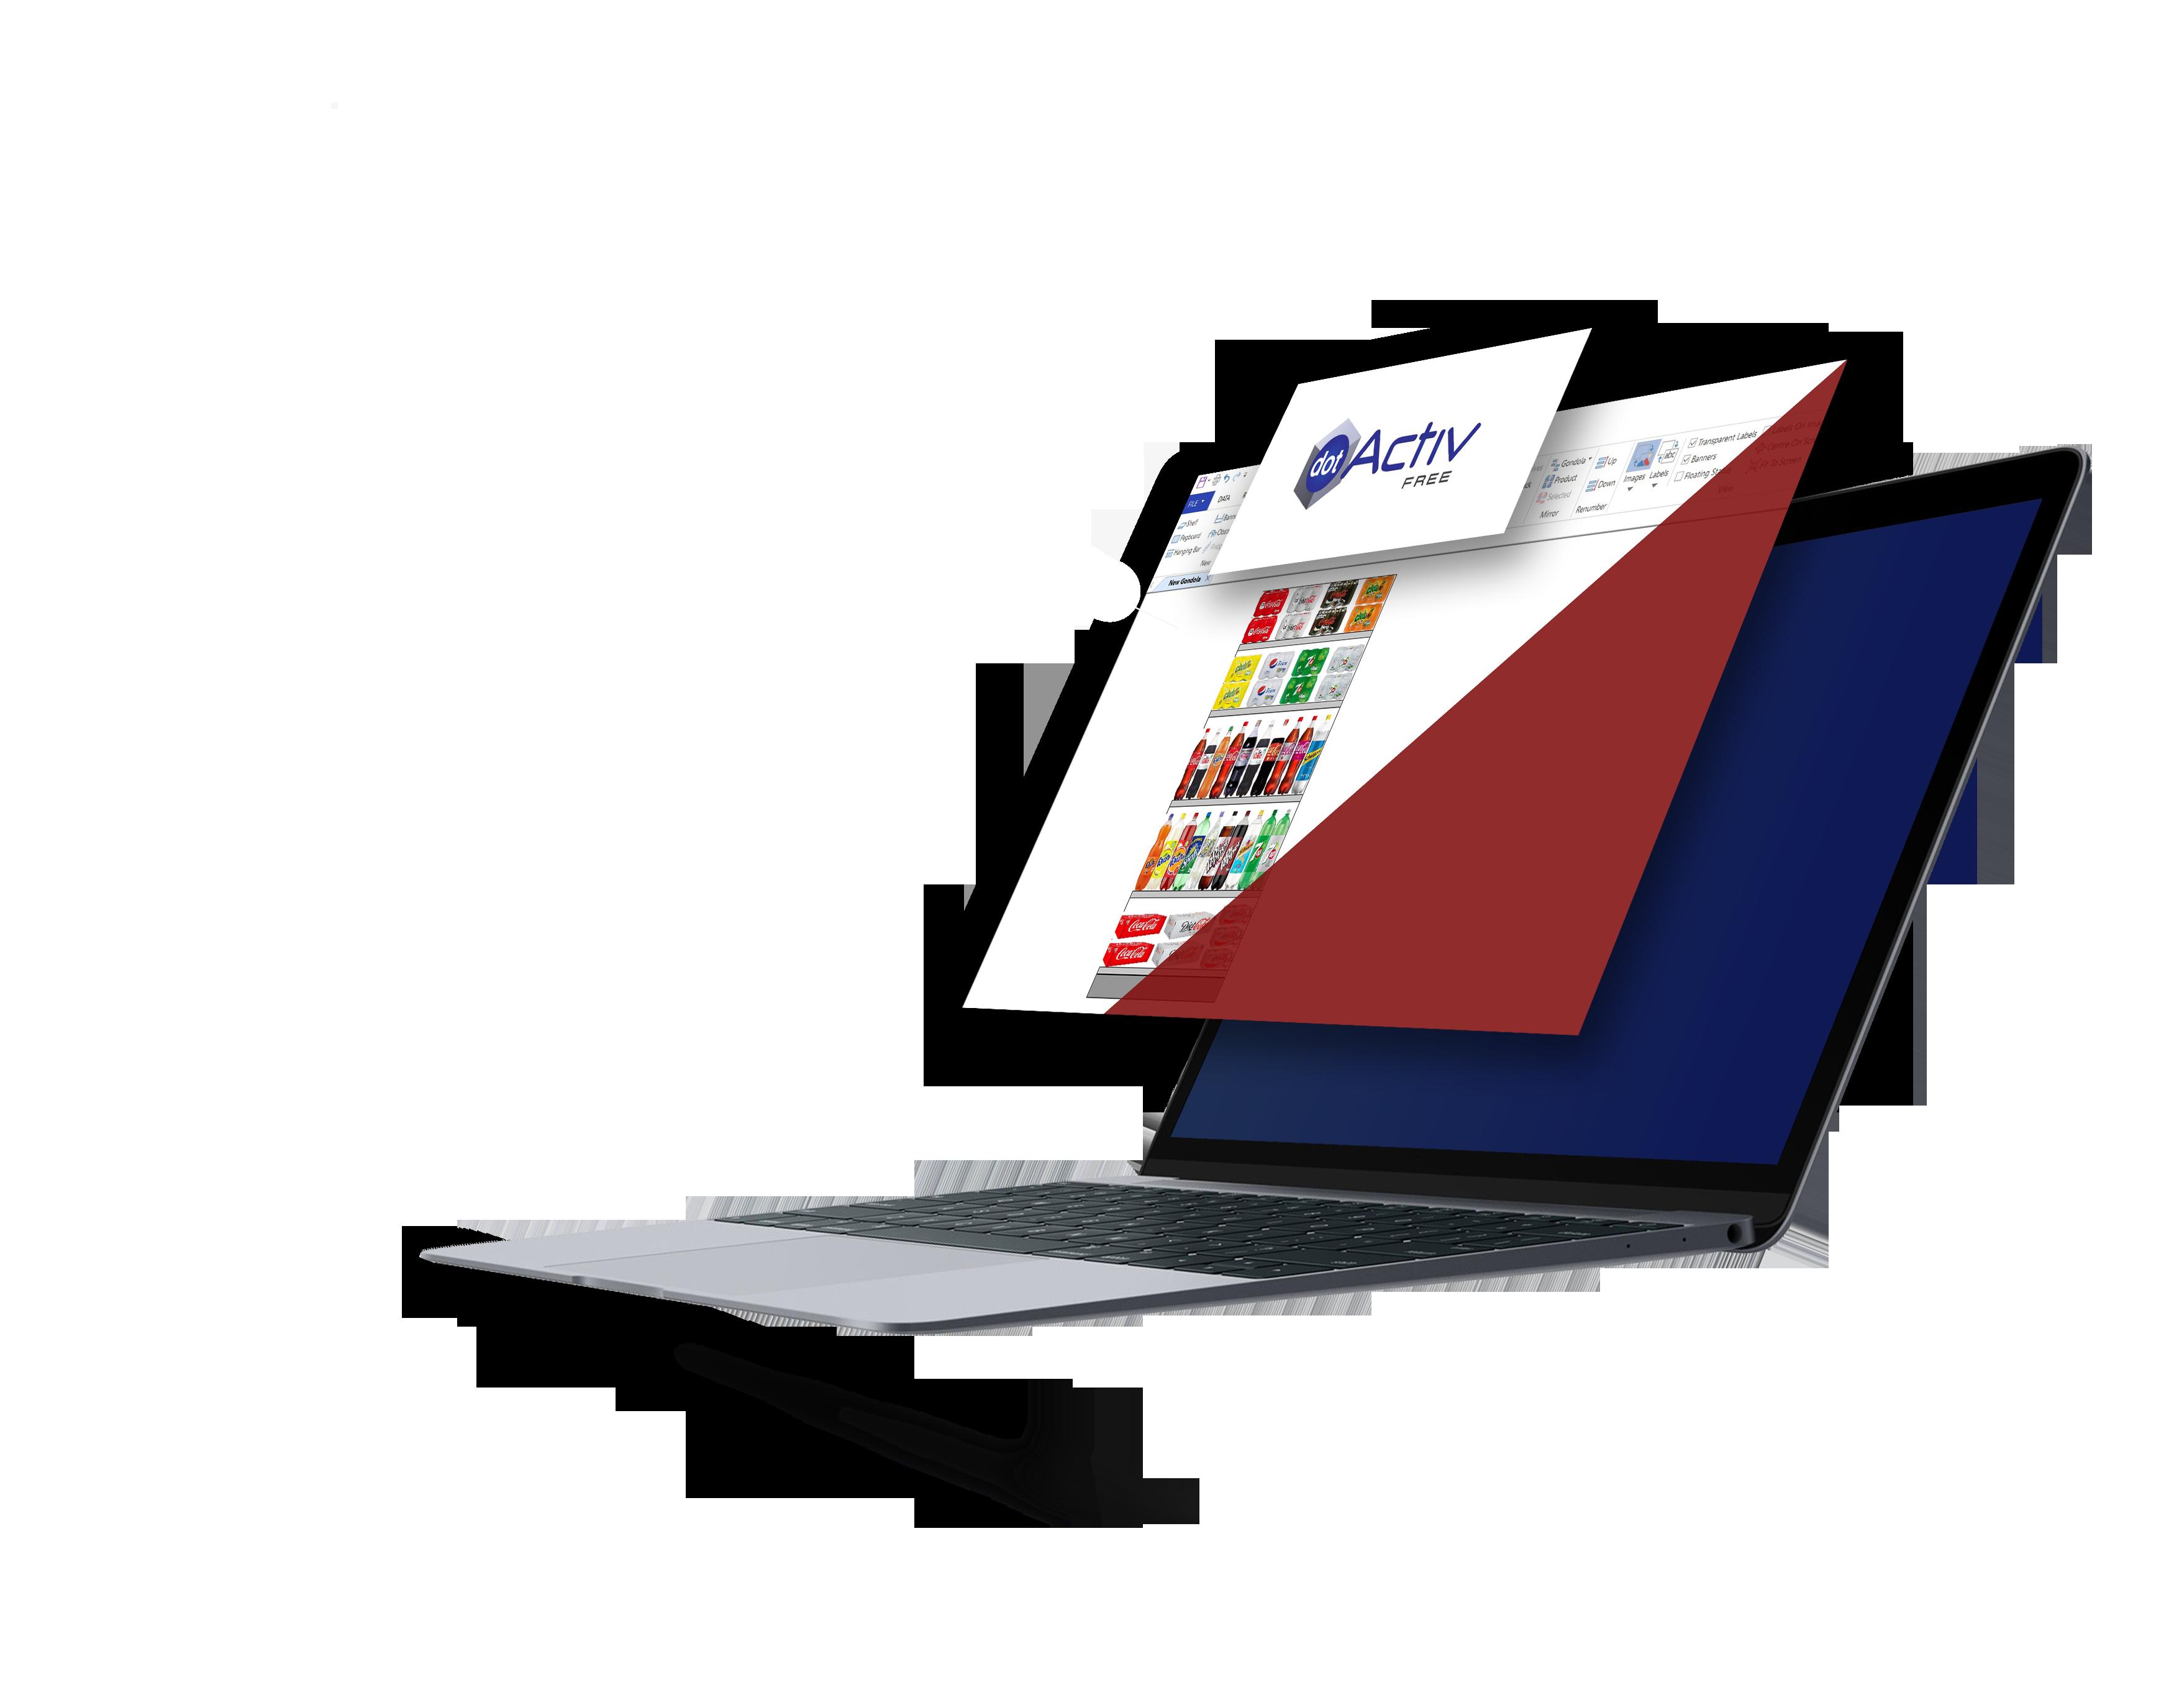 planogram_software_for_windows